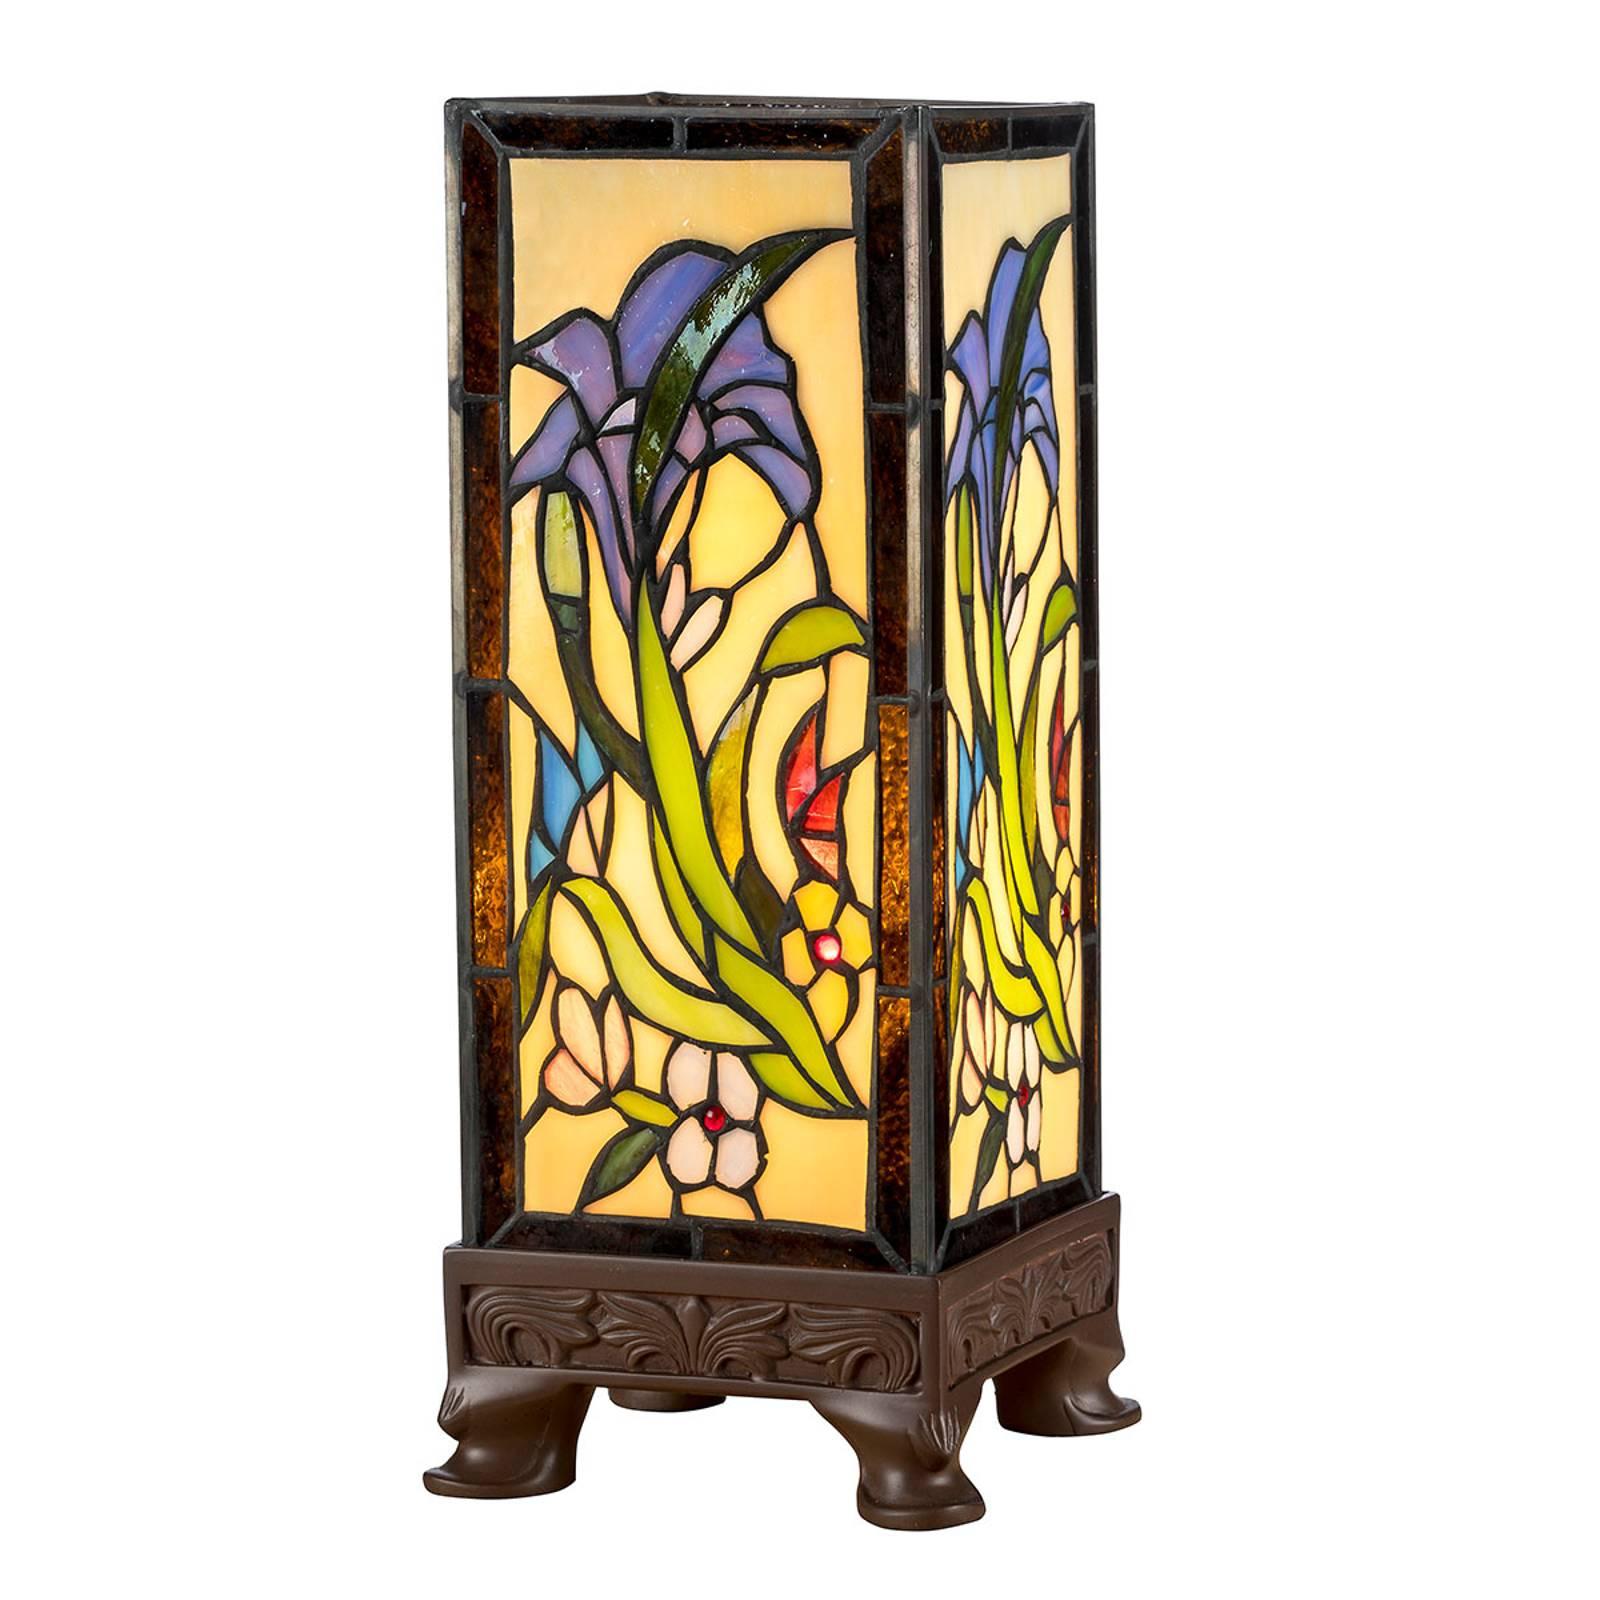 Lampada da tavolo KT180029 stile tiffany 4 basi